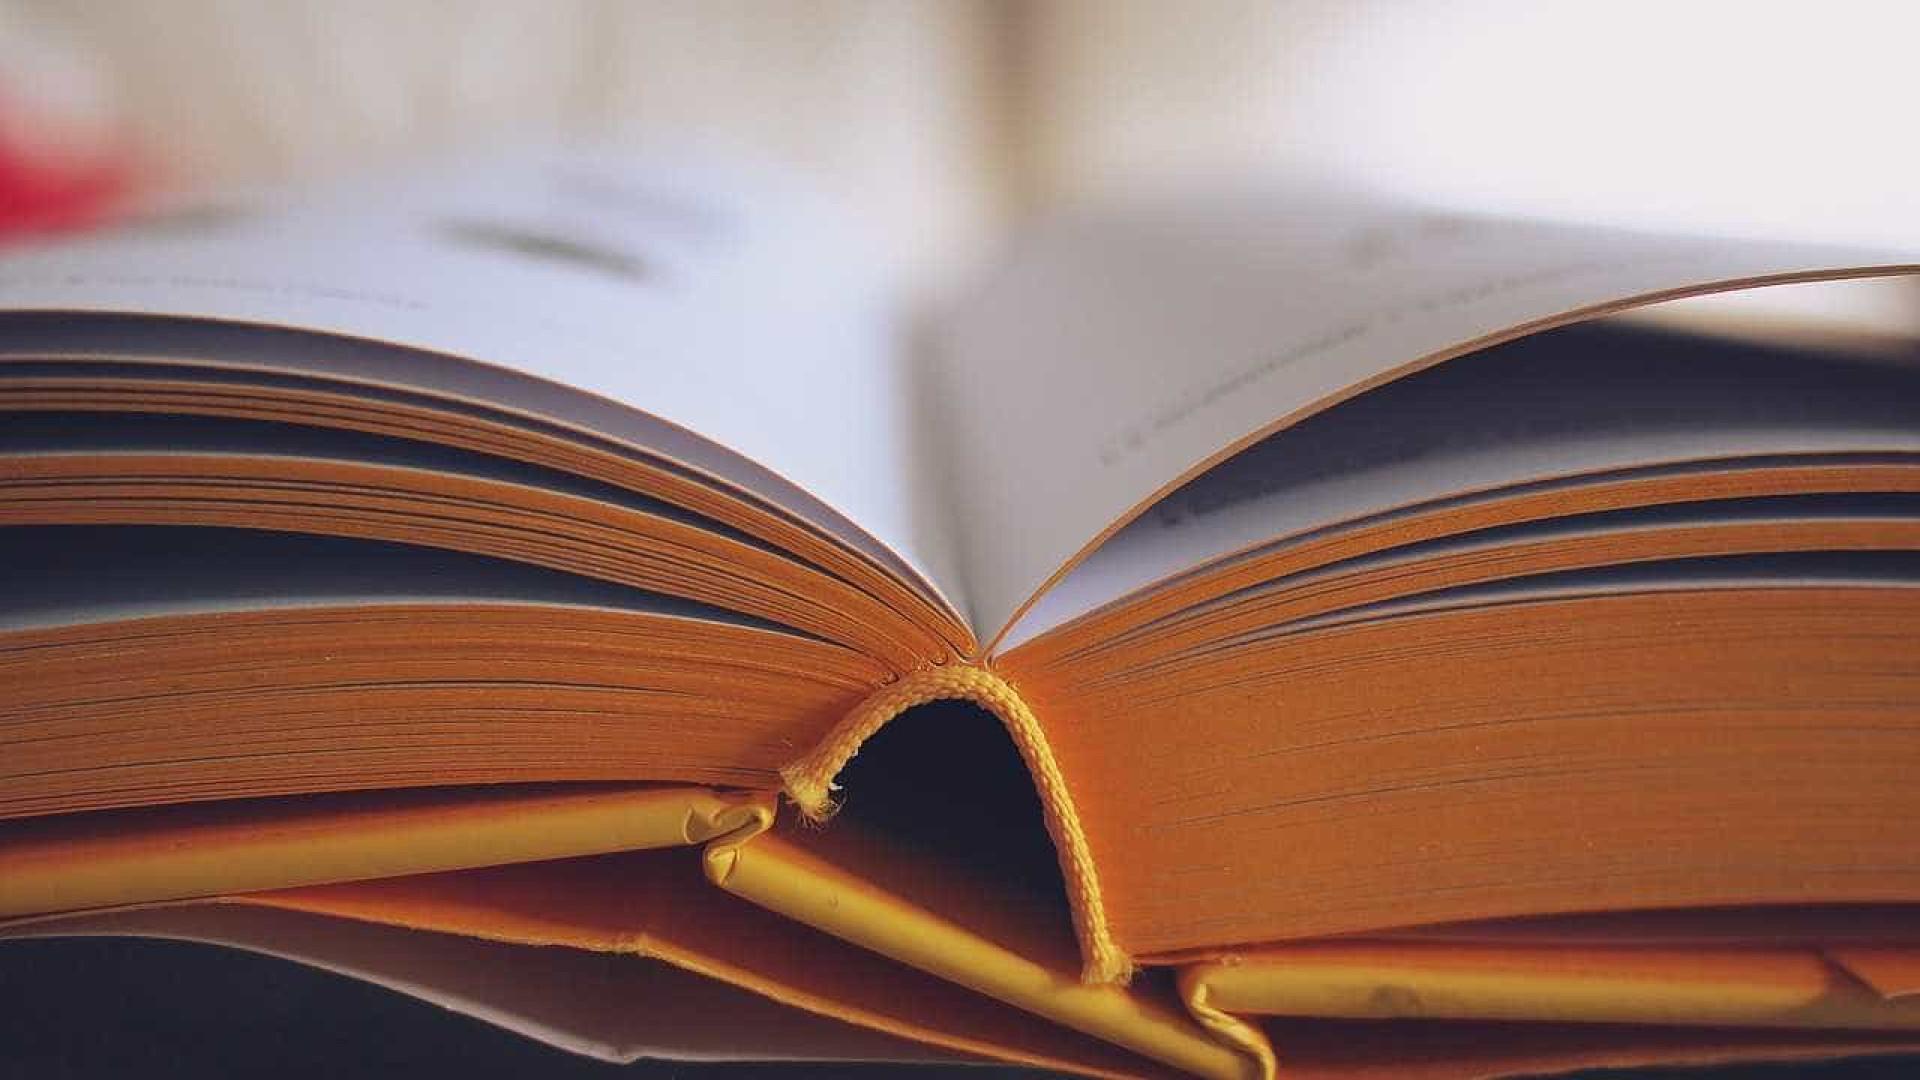 Editora dedicada aos autores da diáspora procura poetas para antologia